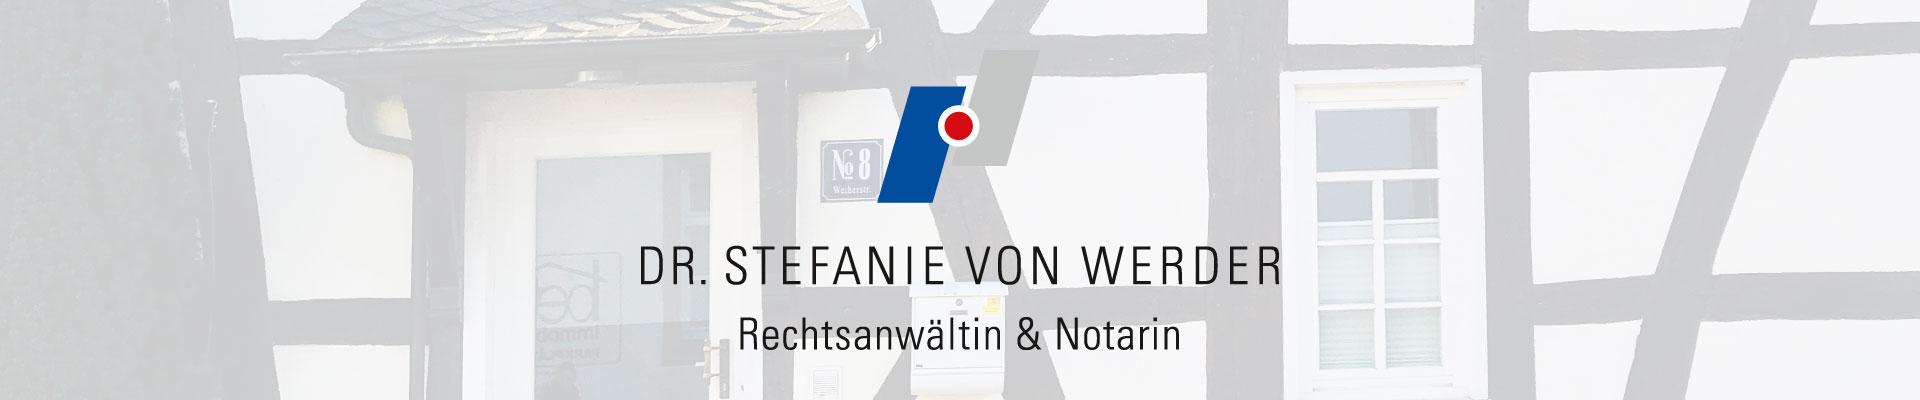 Rechtsanwälting und Notarin in Taunusstein